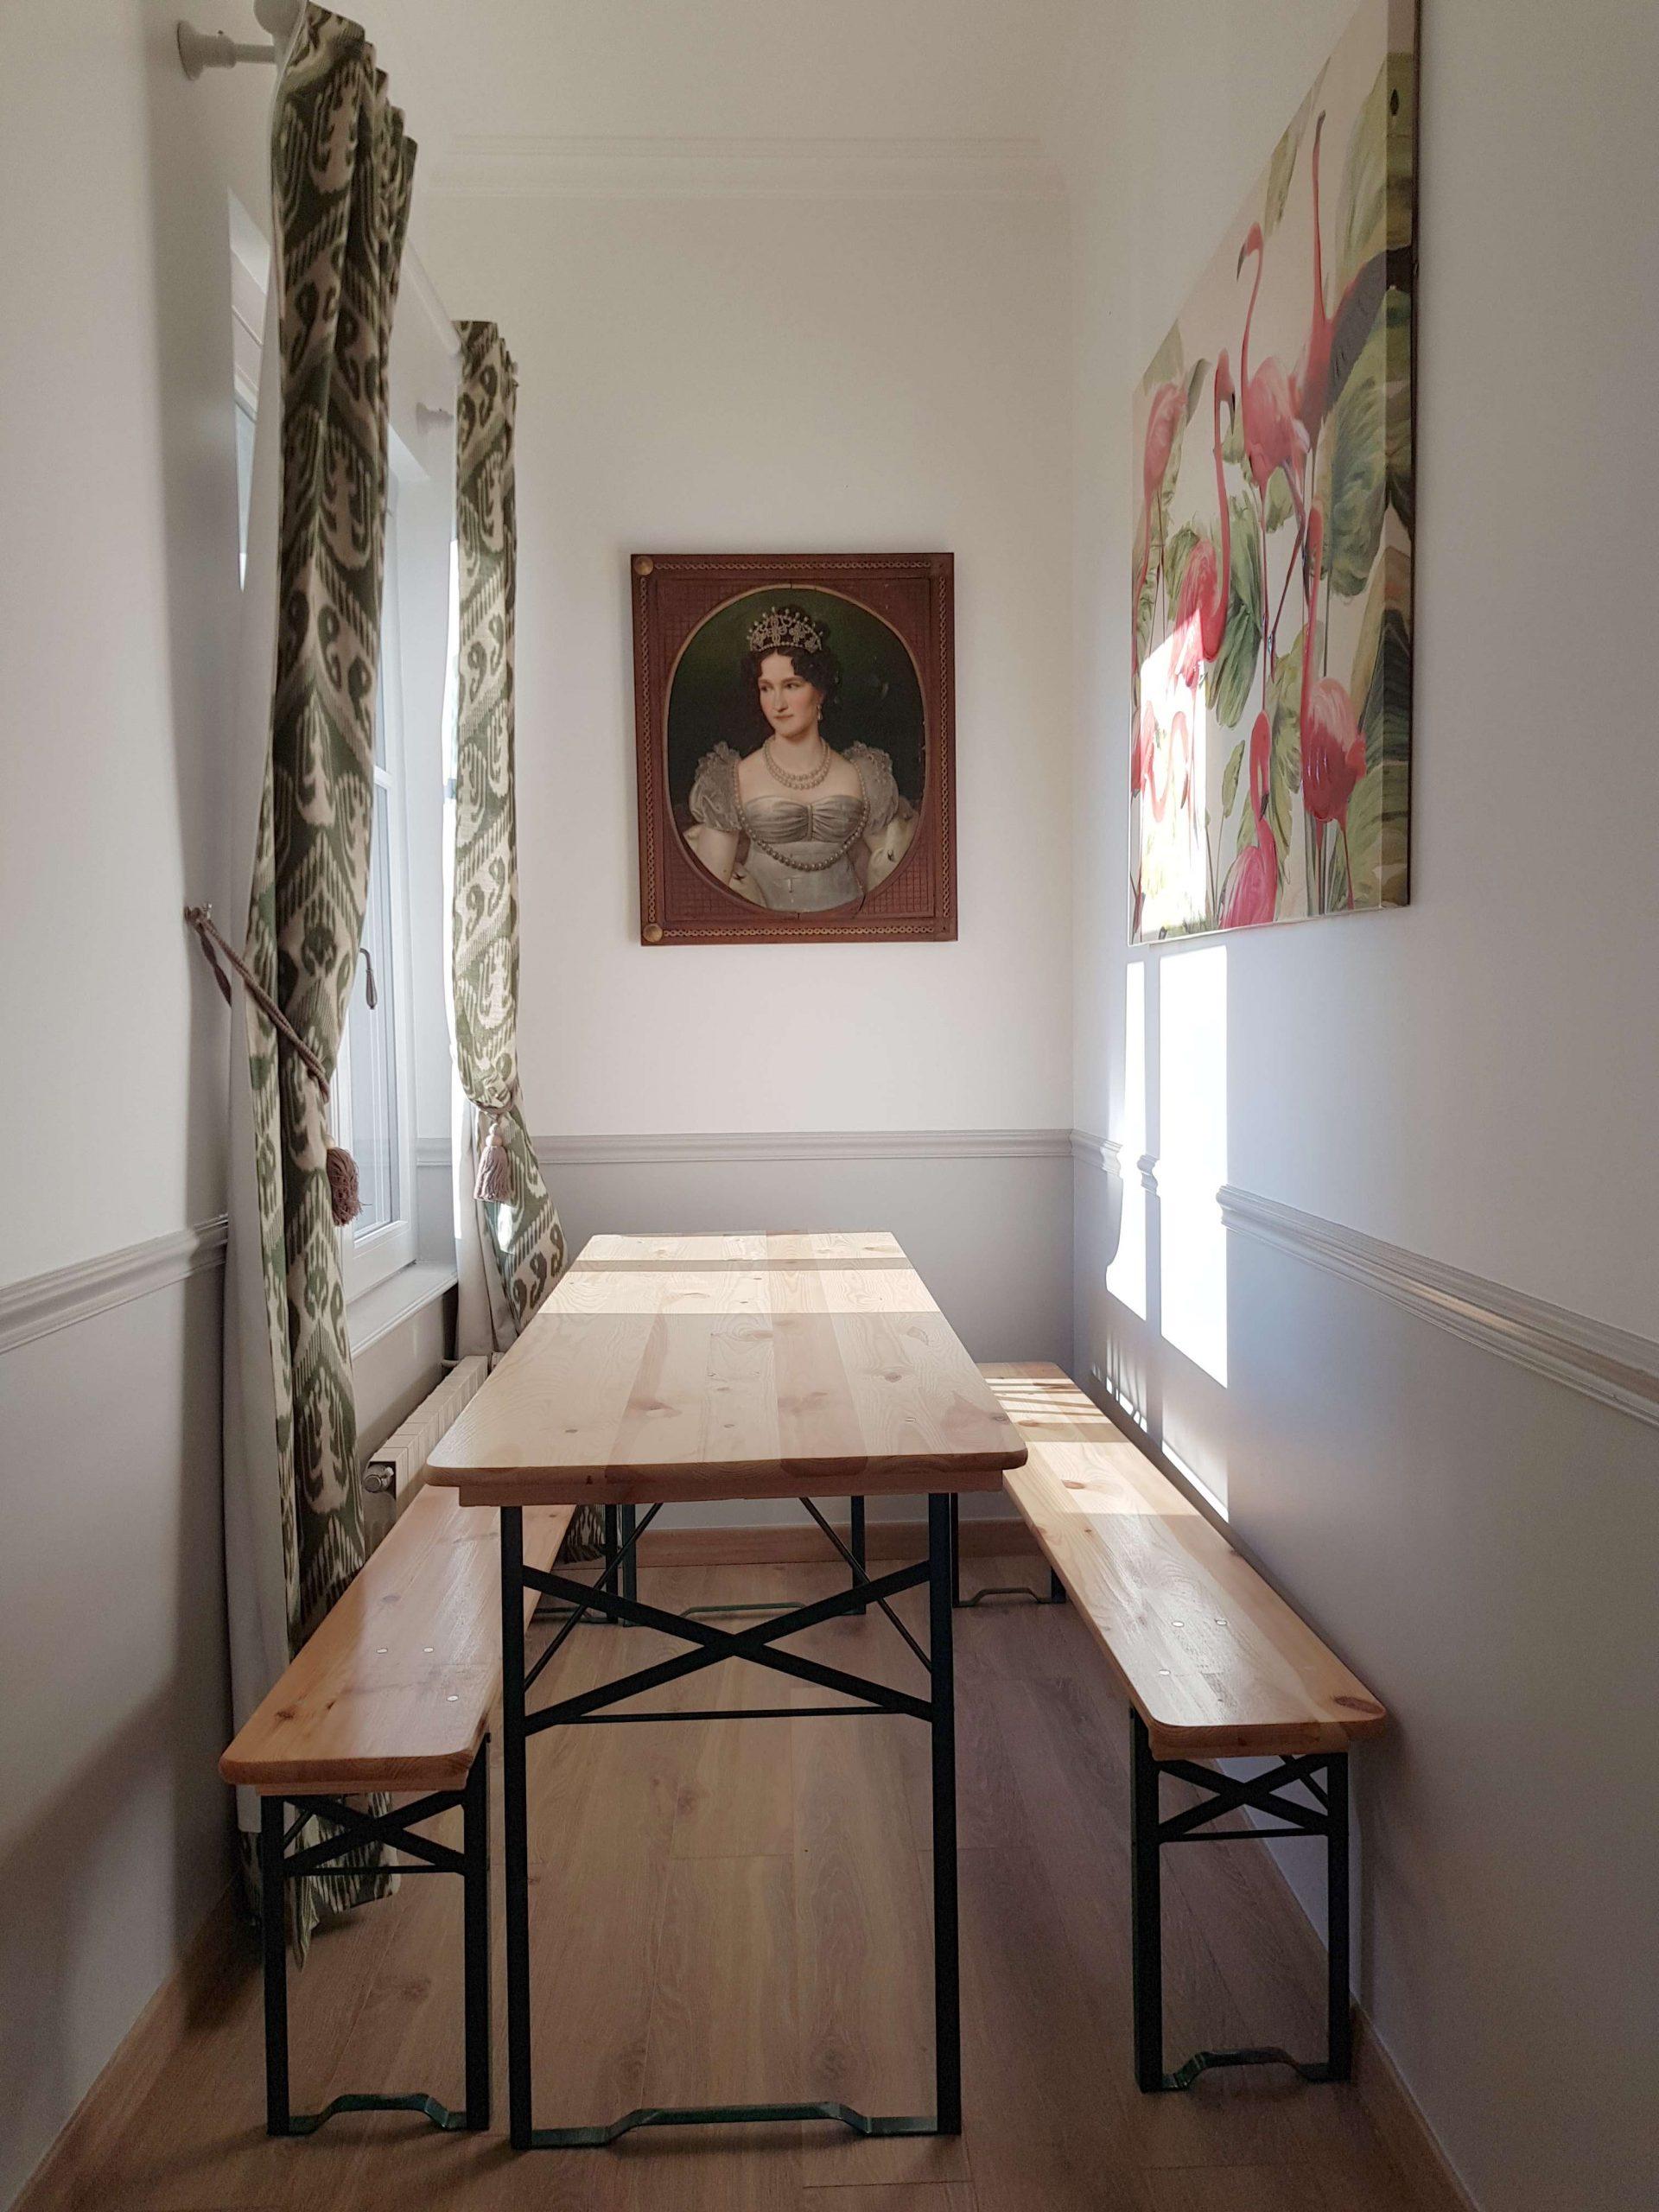 Salle à manger avec table et tableau dans l'appartement au château